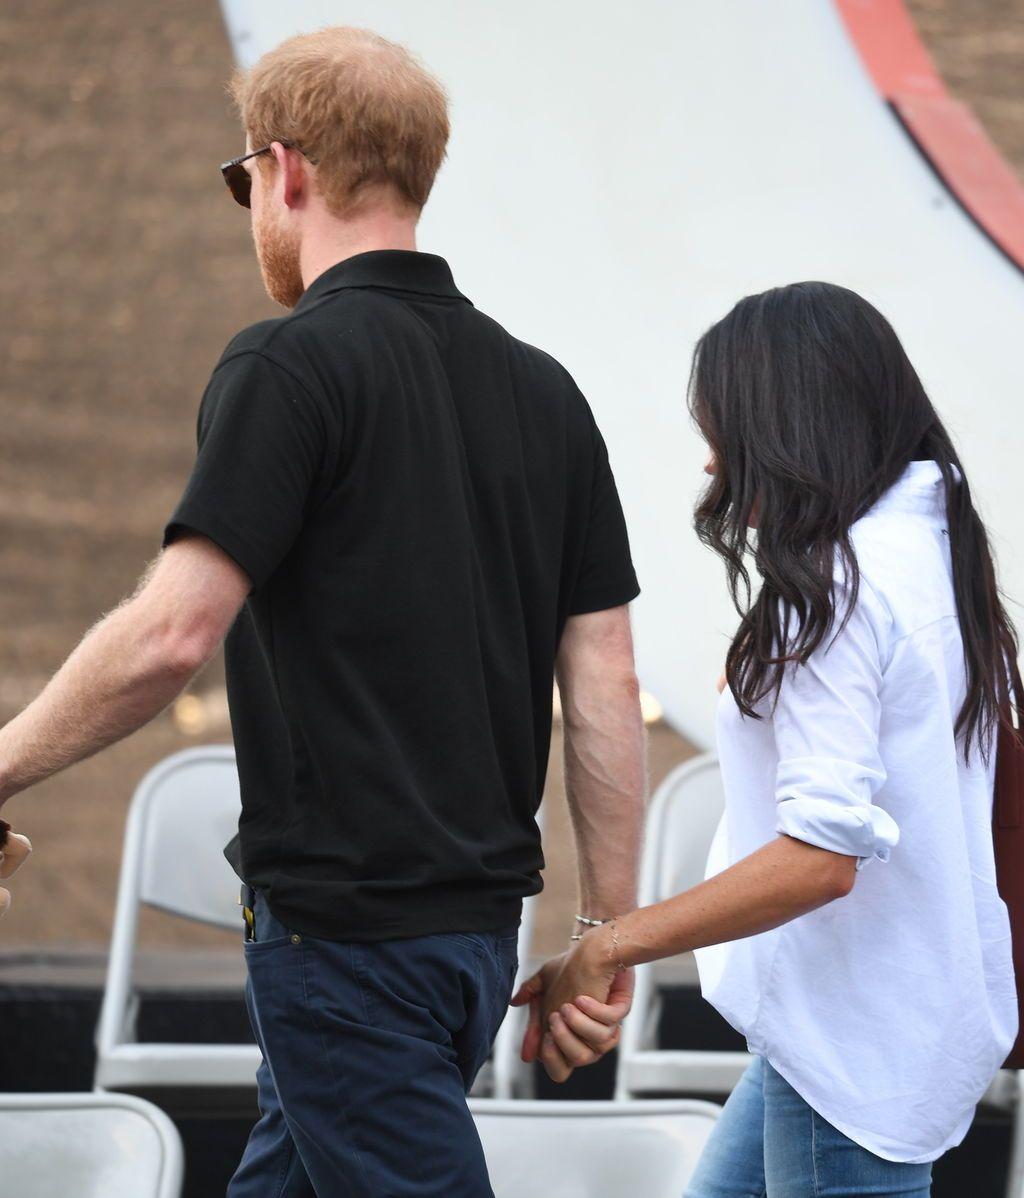 De la mano, confidentes y muy charlatanes: así ha sido la primera aparición pública de Harry con su novia